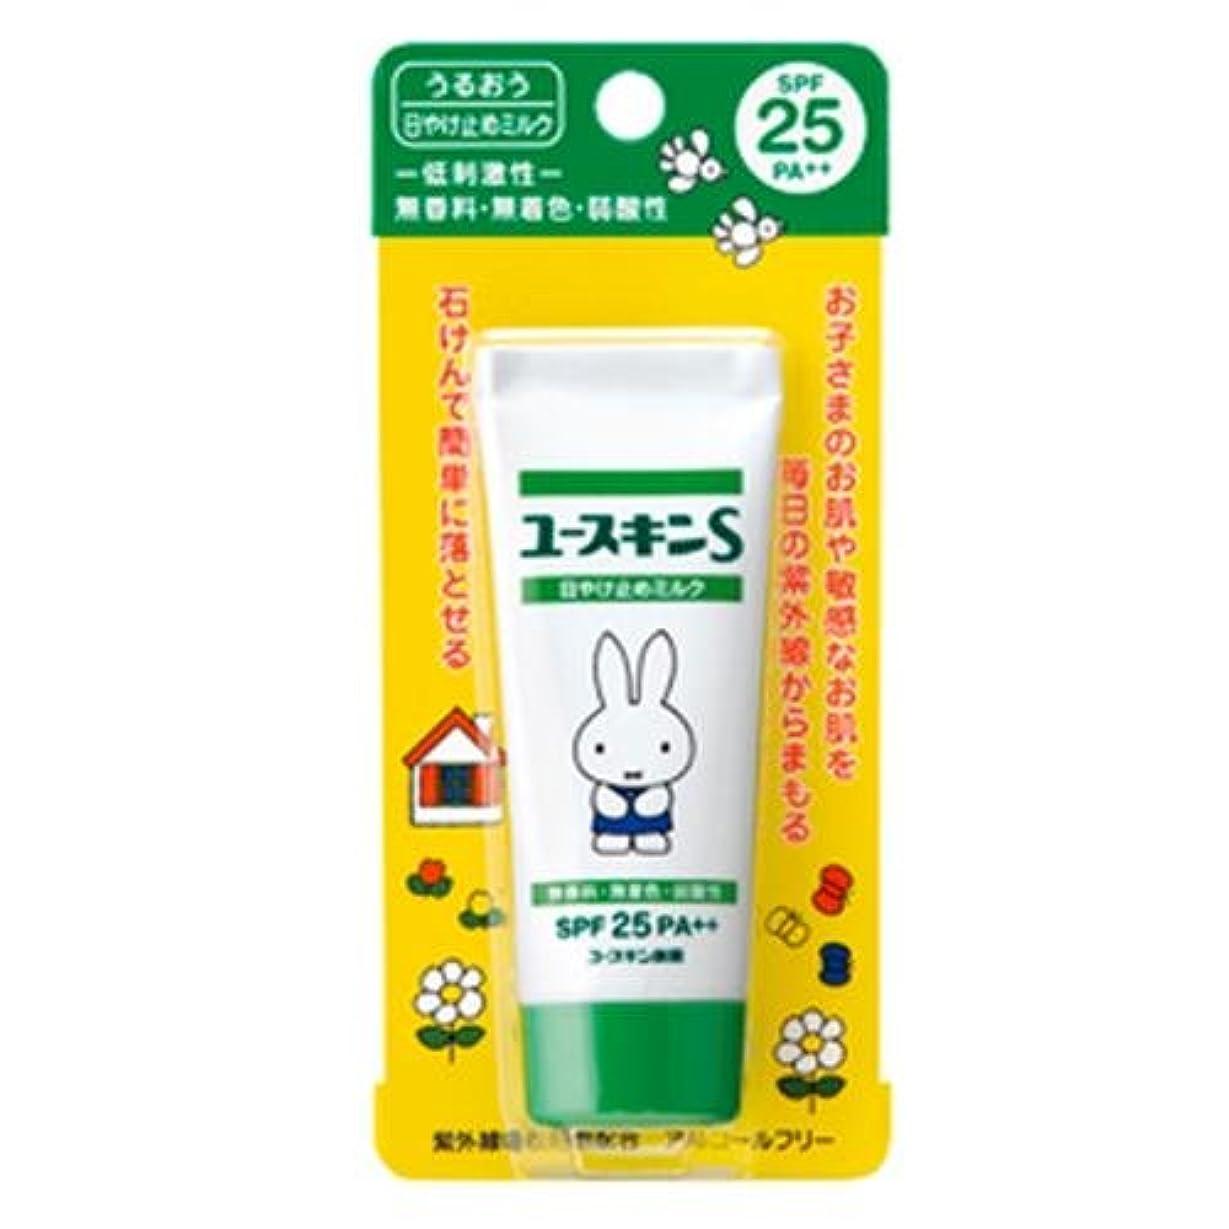 原告ハードウェアアサートユースキンS UVミルク SPF25 PA++ 40g (敏感肌用 日焼け止め)